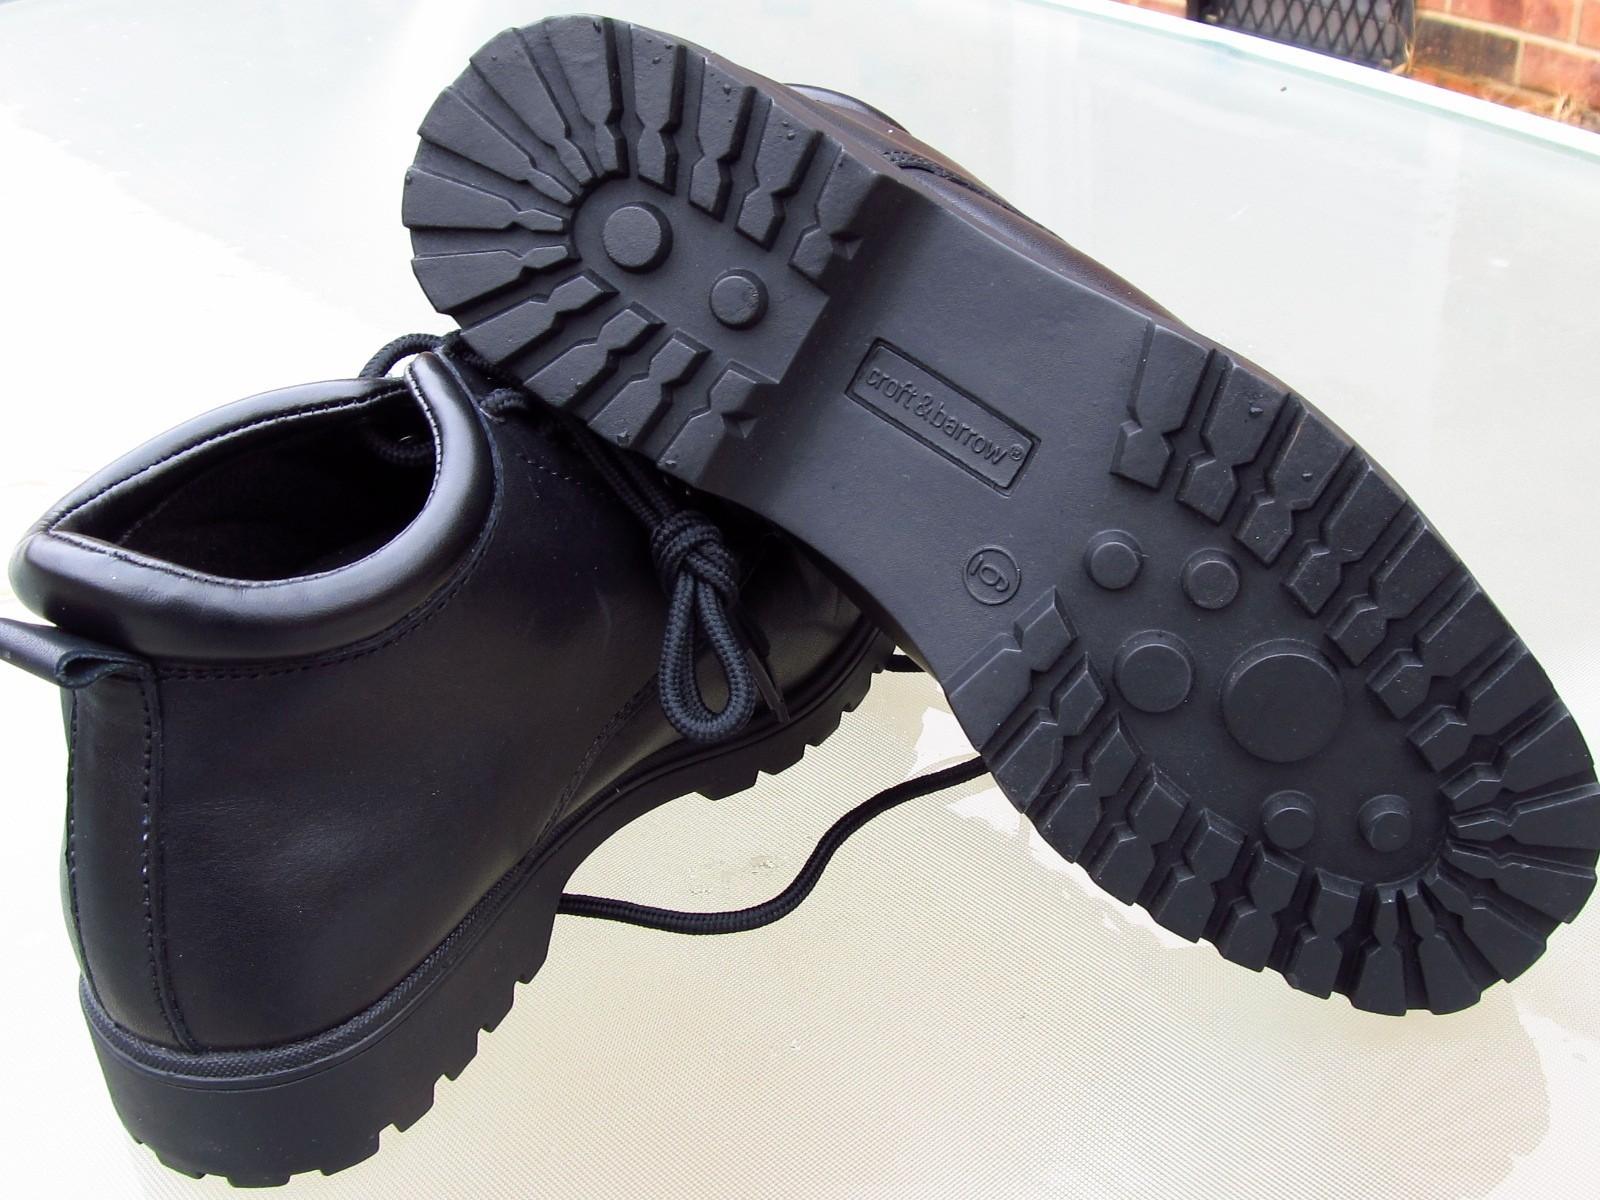 CROFT & BARROW RETREAT Ankle High Black Boots Unused Ladies sz 6 Med image 3